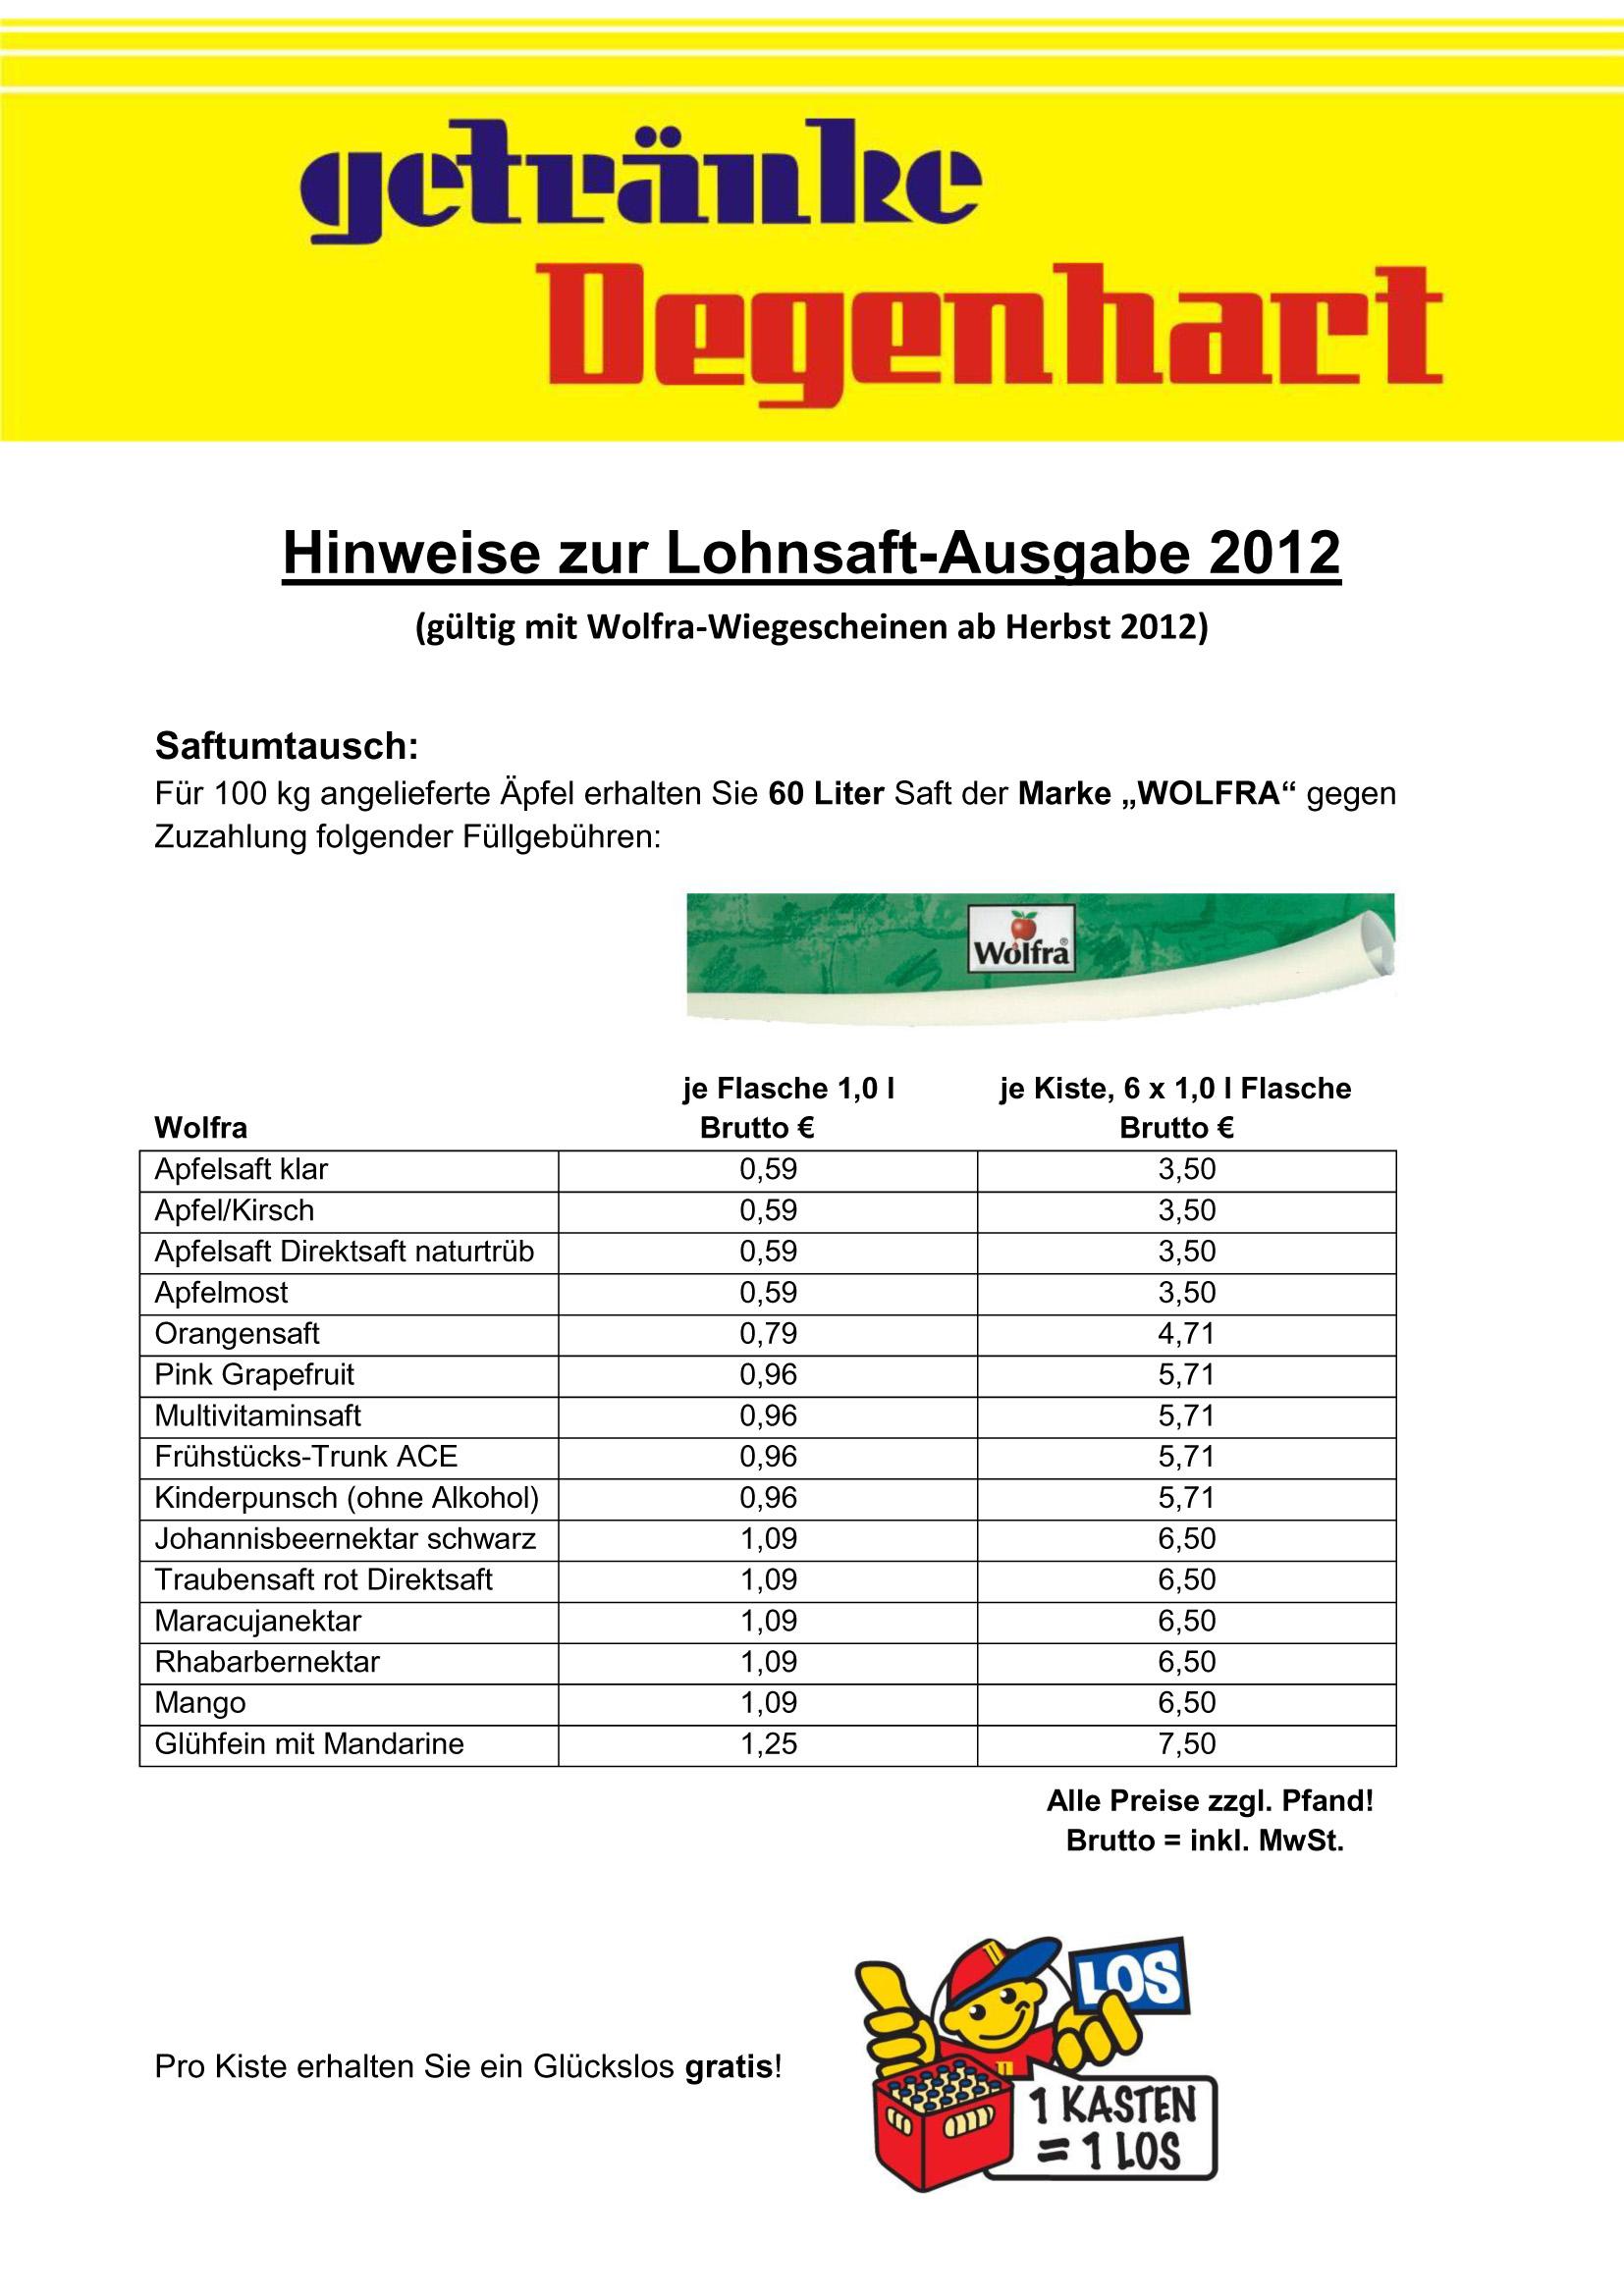 Getränke Degenhart - Der starke Getränkemarkt in Ihrer Region